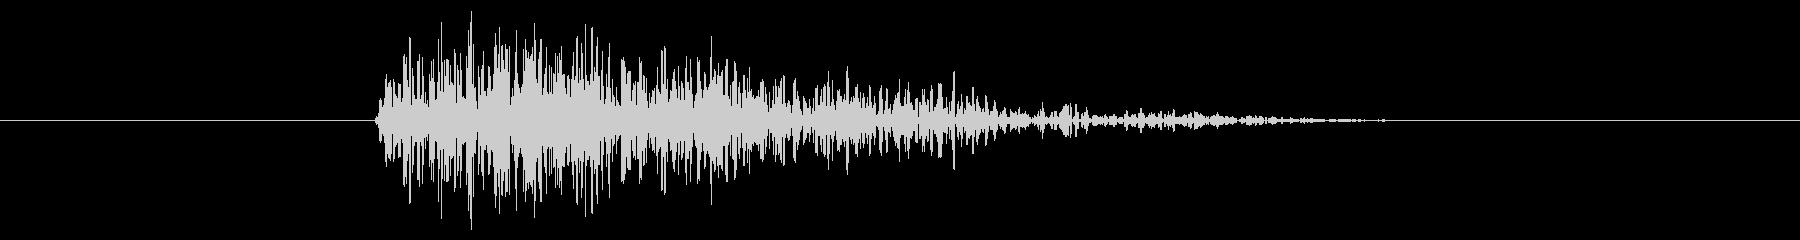 「バーン」という破裂系のダメージ音の未再生の波形